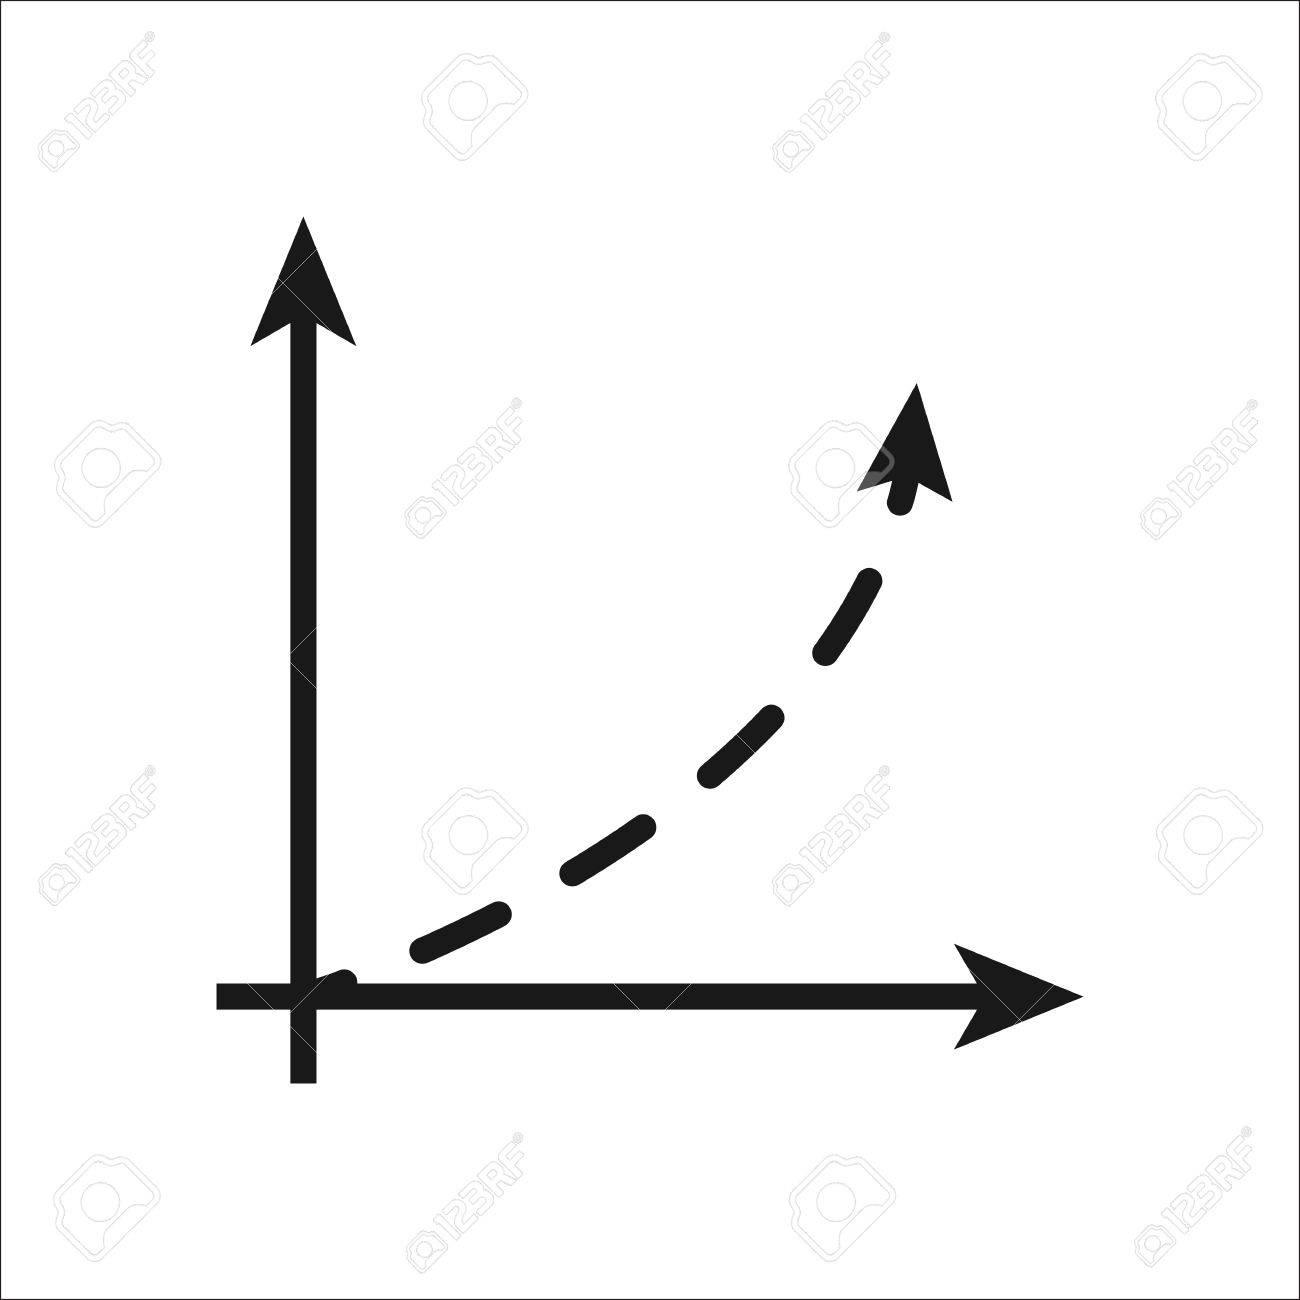 Graphique Math Symbole Coordonnes Simple Signe Icne Sur Fond Clip